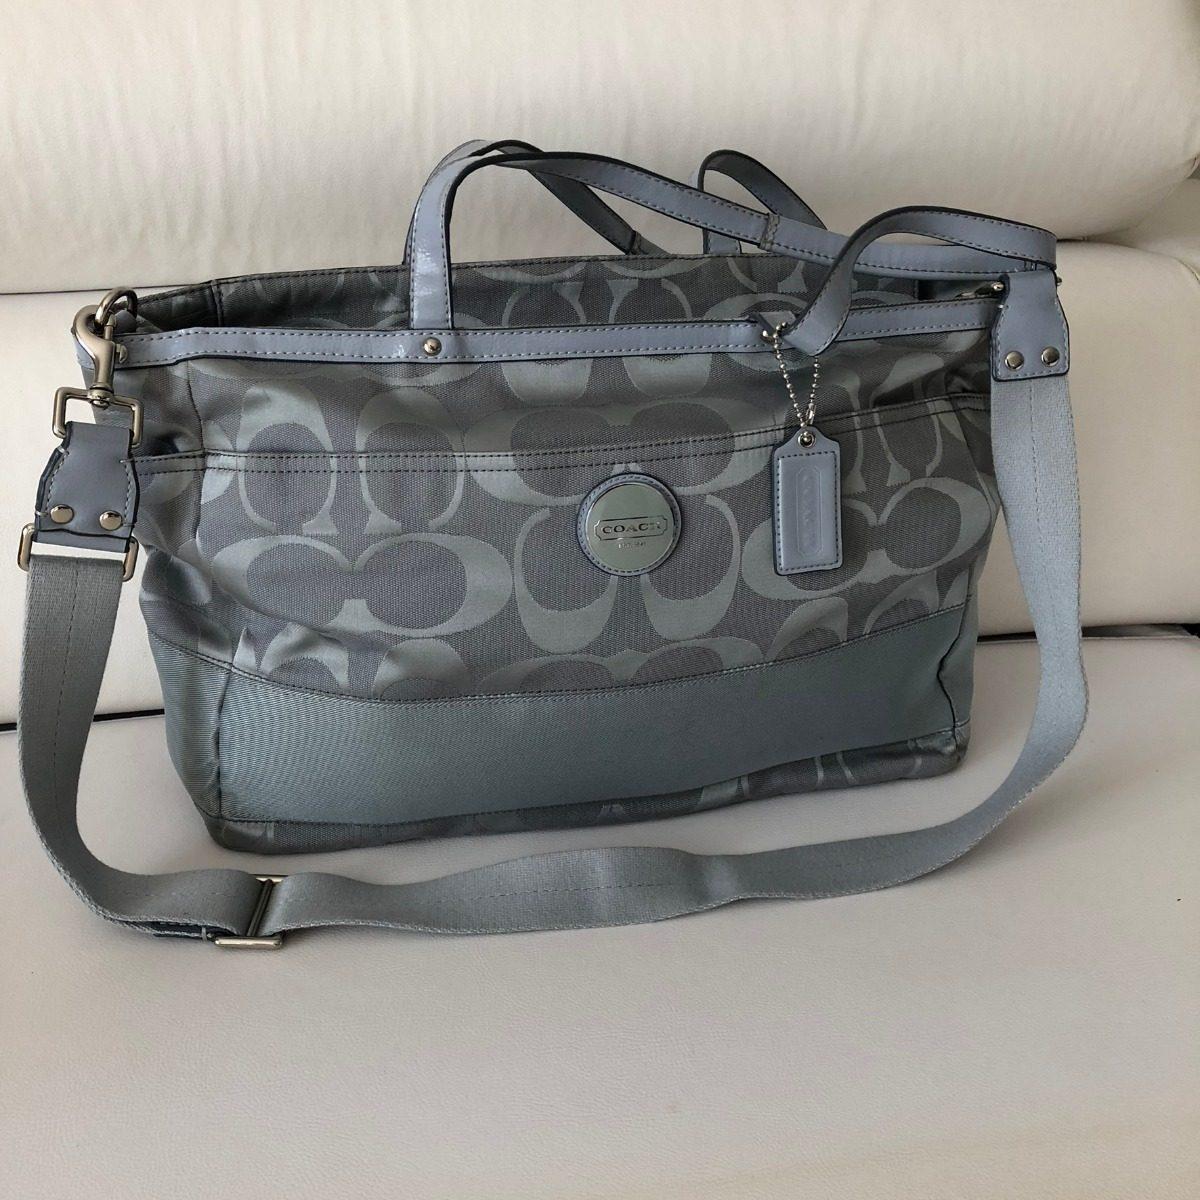 3bf64769780 bolsa de maternidade - marca coach - azul claro - usada. Carregando zoom.